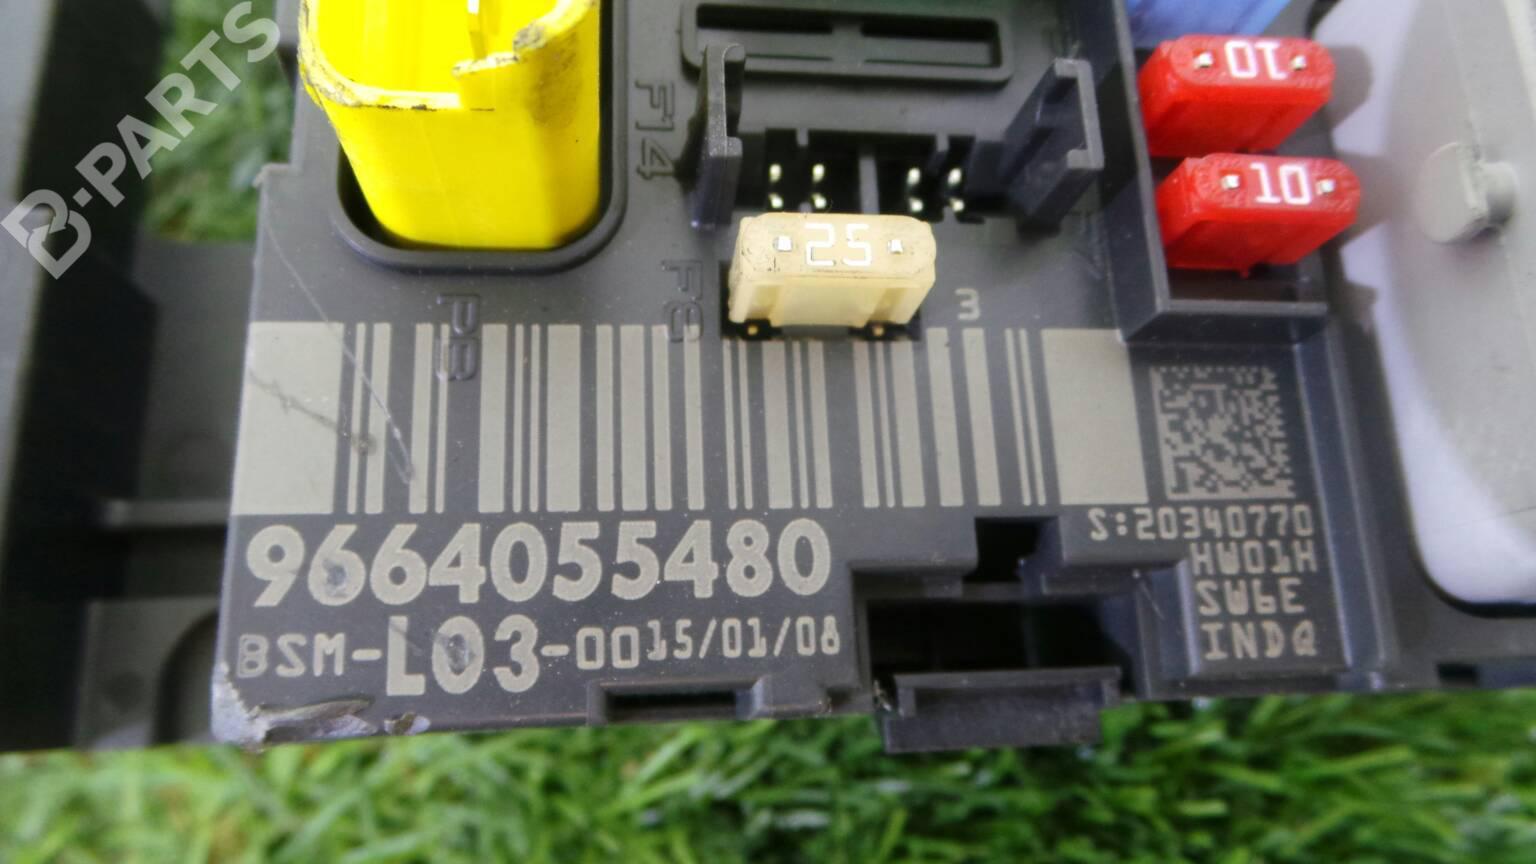 Citroen C3 1 4 Hdi Fuse Box Wiring Library Corvette 96 640 554 80 Citron I Fc 14